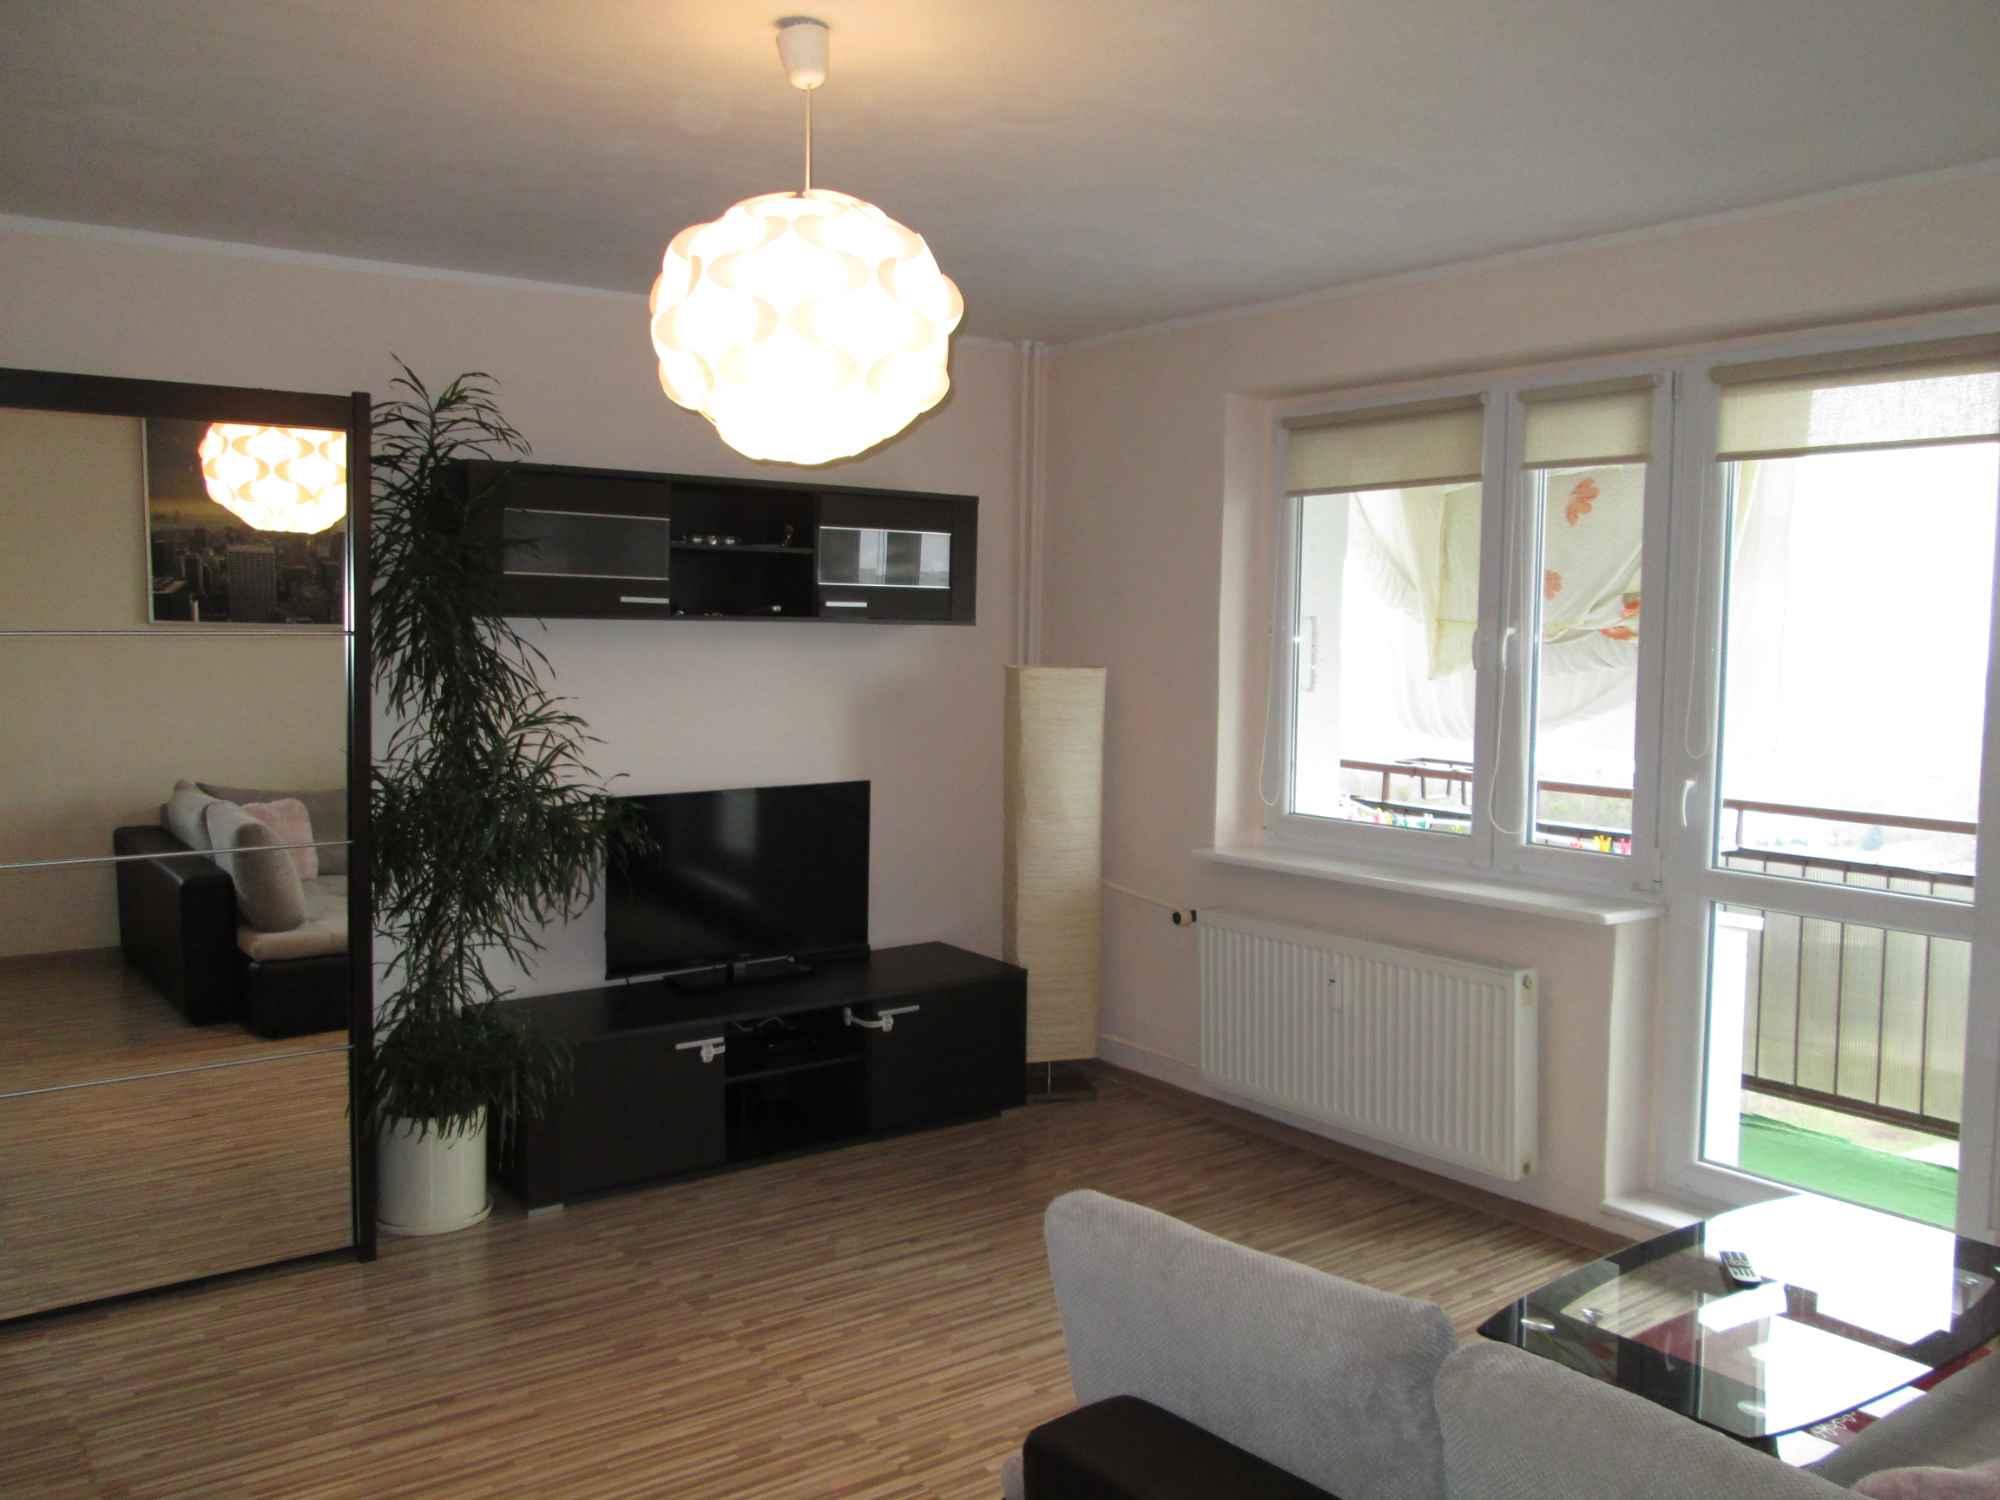 Sprzedam umeblowane mieszkanie 49m2 na osiedlu Sobieskiego w Poznaniu. Nowe Miasto - zdjęcie 1